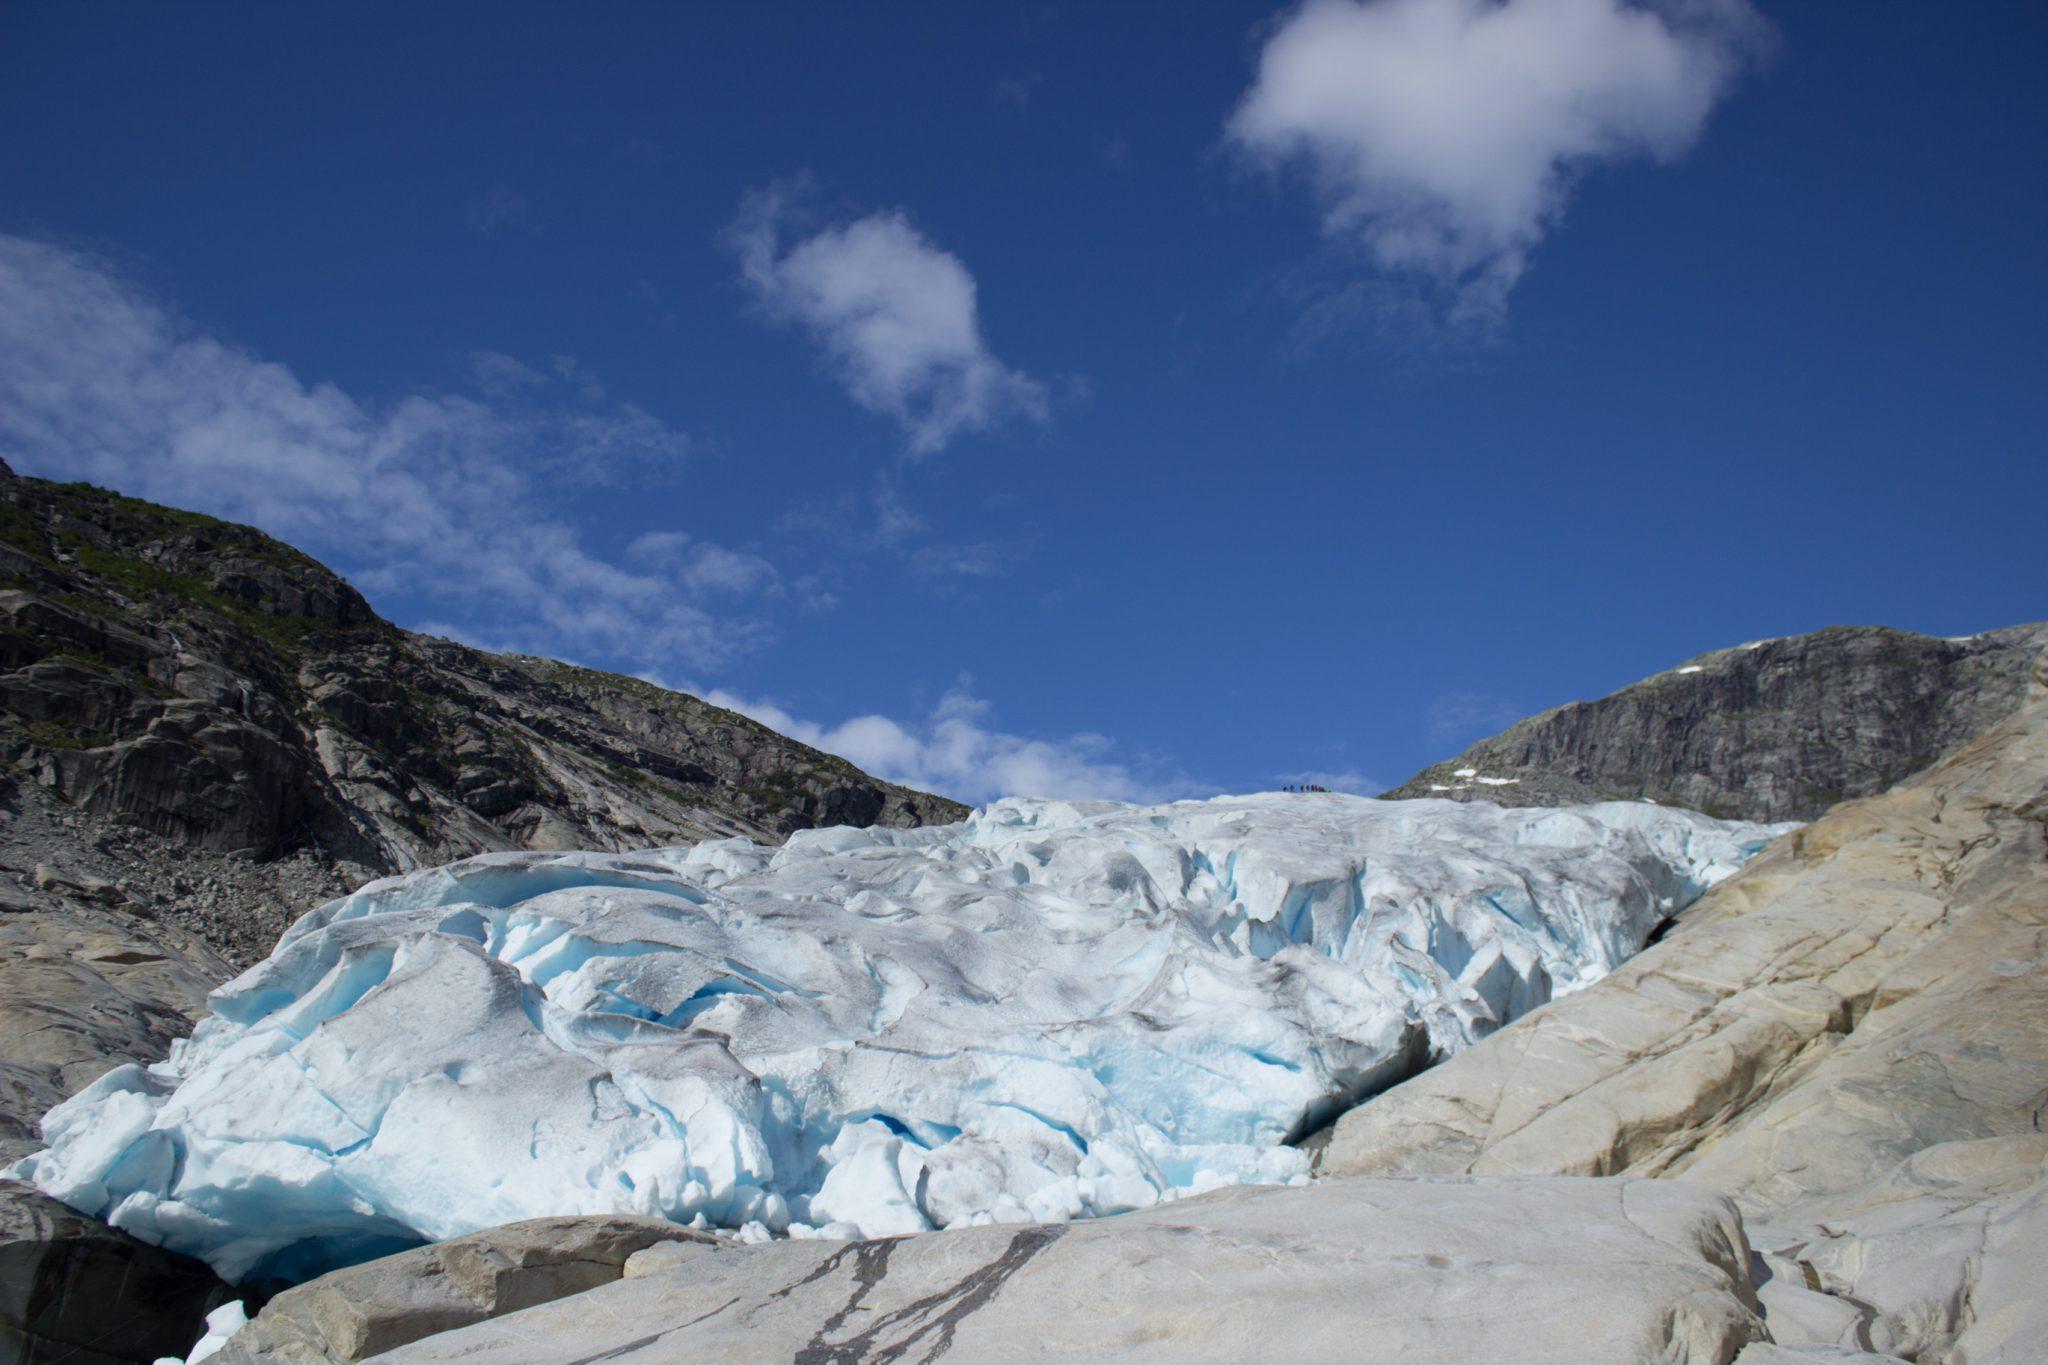 Wanderung Gletscher Nigardsbreen im Jostedalsbreen Nationalpark, Gletscherwasser schmilzt unaufhaltsam, kristallklares Gletscherwasser speist Fluß